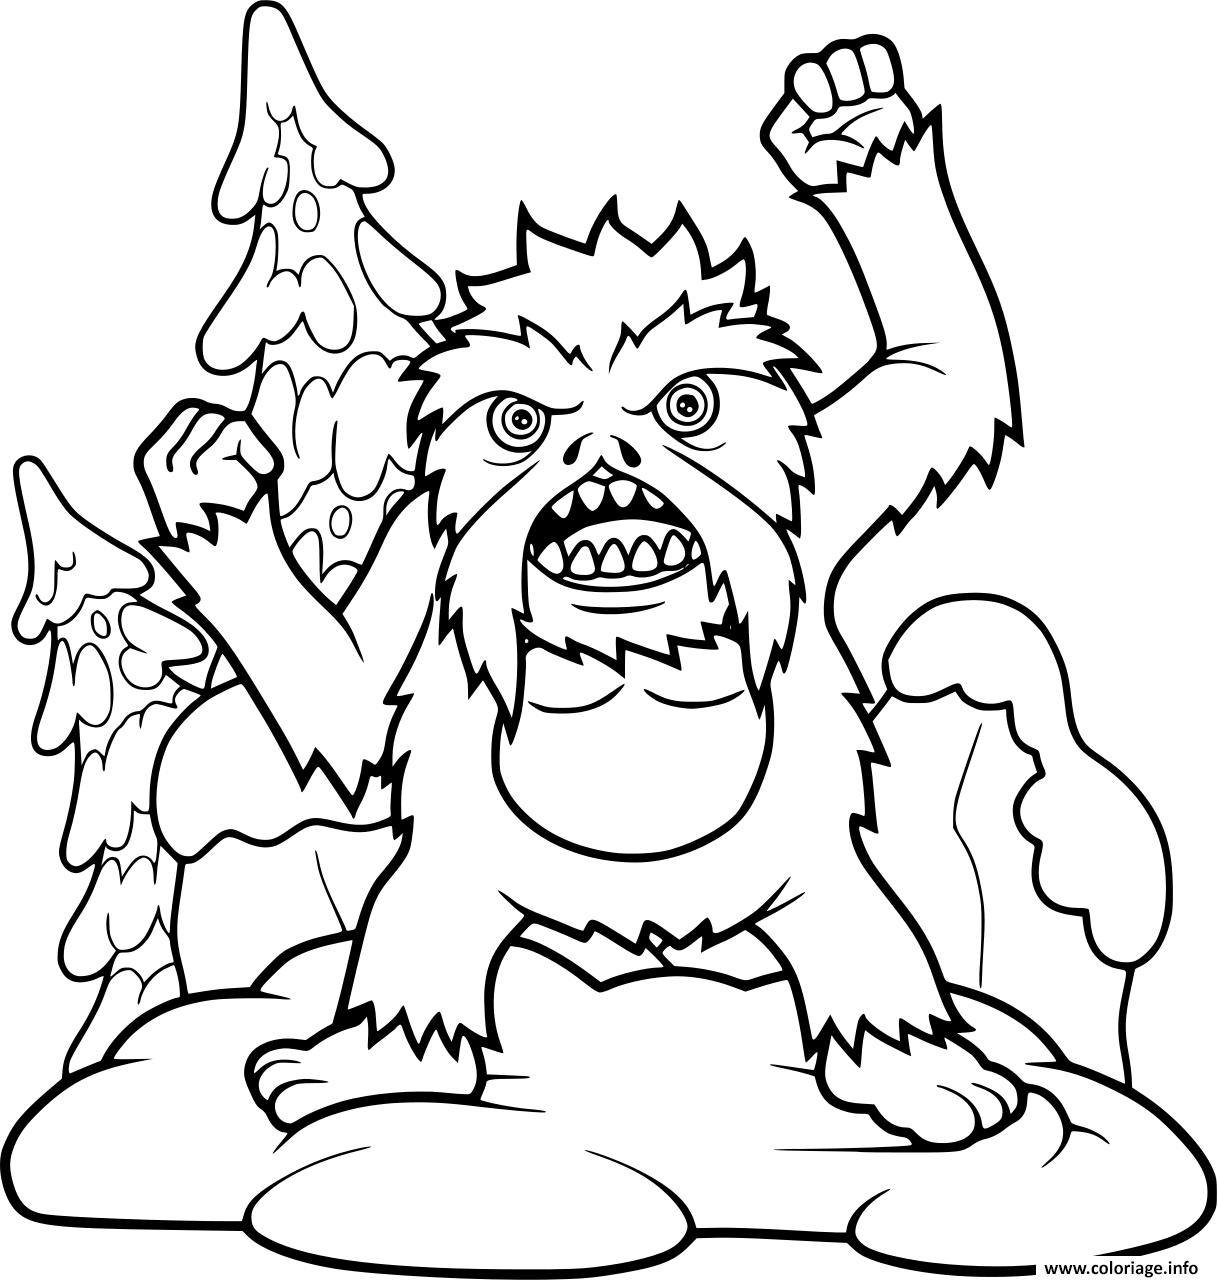 Dessin yeti bigfoot fait peur aux touristes Coloriage Gratuit à Imprimer